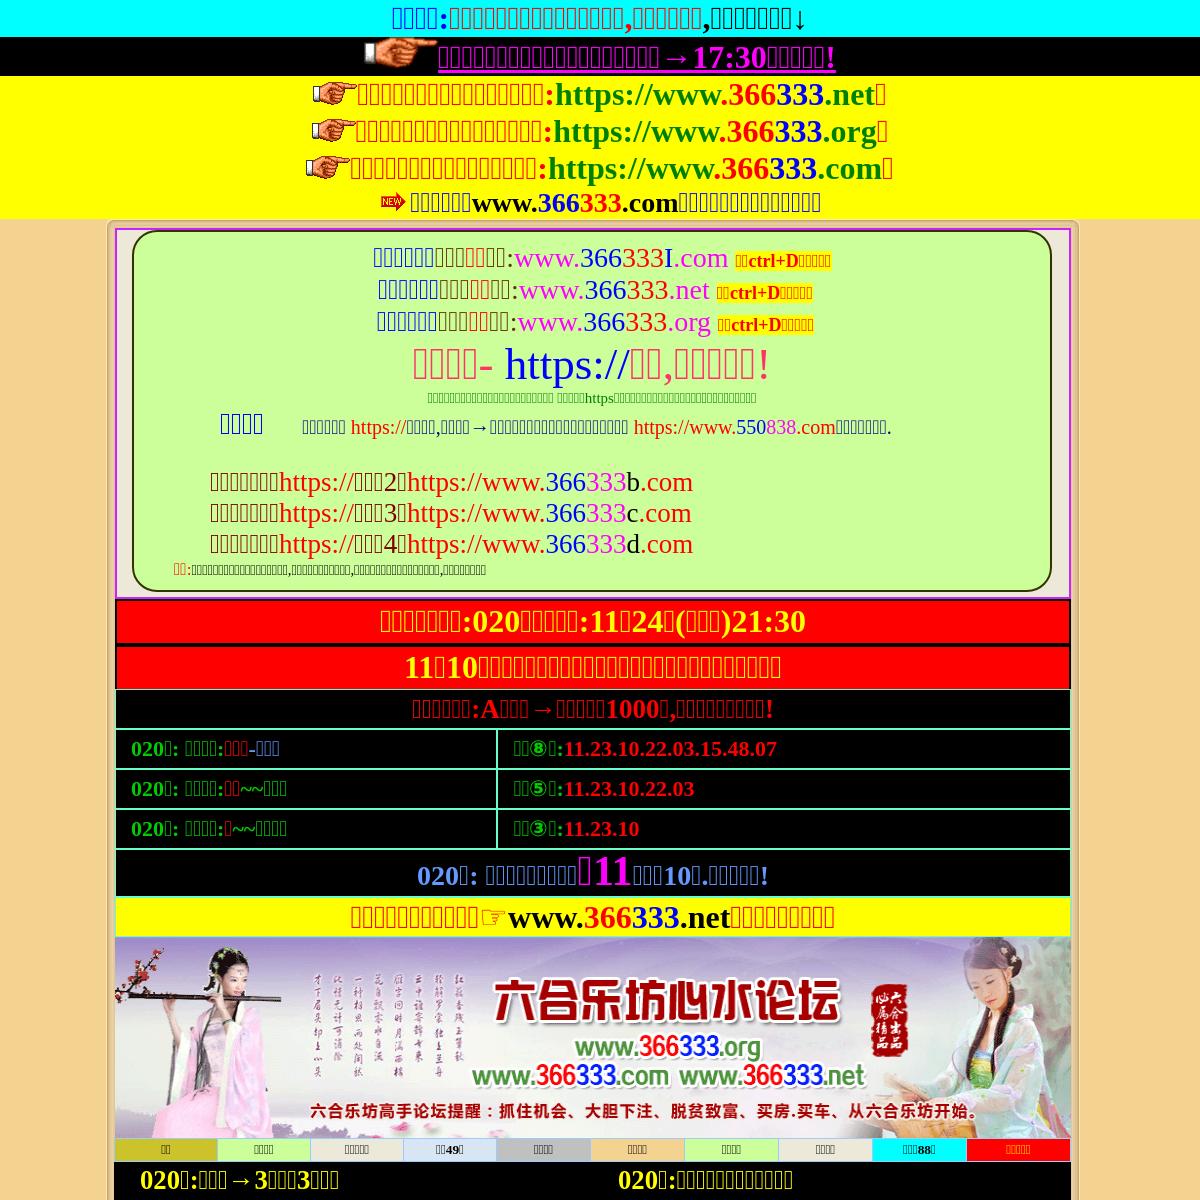 大红鹰报码-进入大红鹰报码聊天室-香港马会大红鹰报码-大红鹰报码聊天室